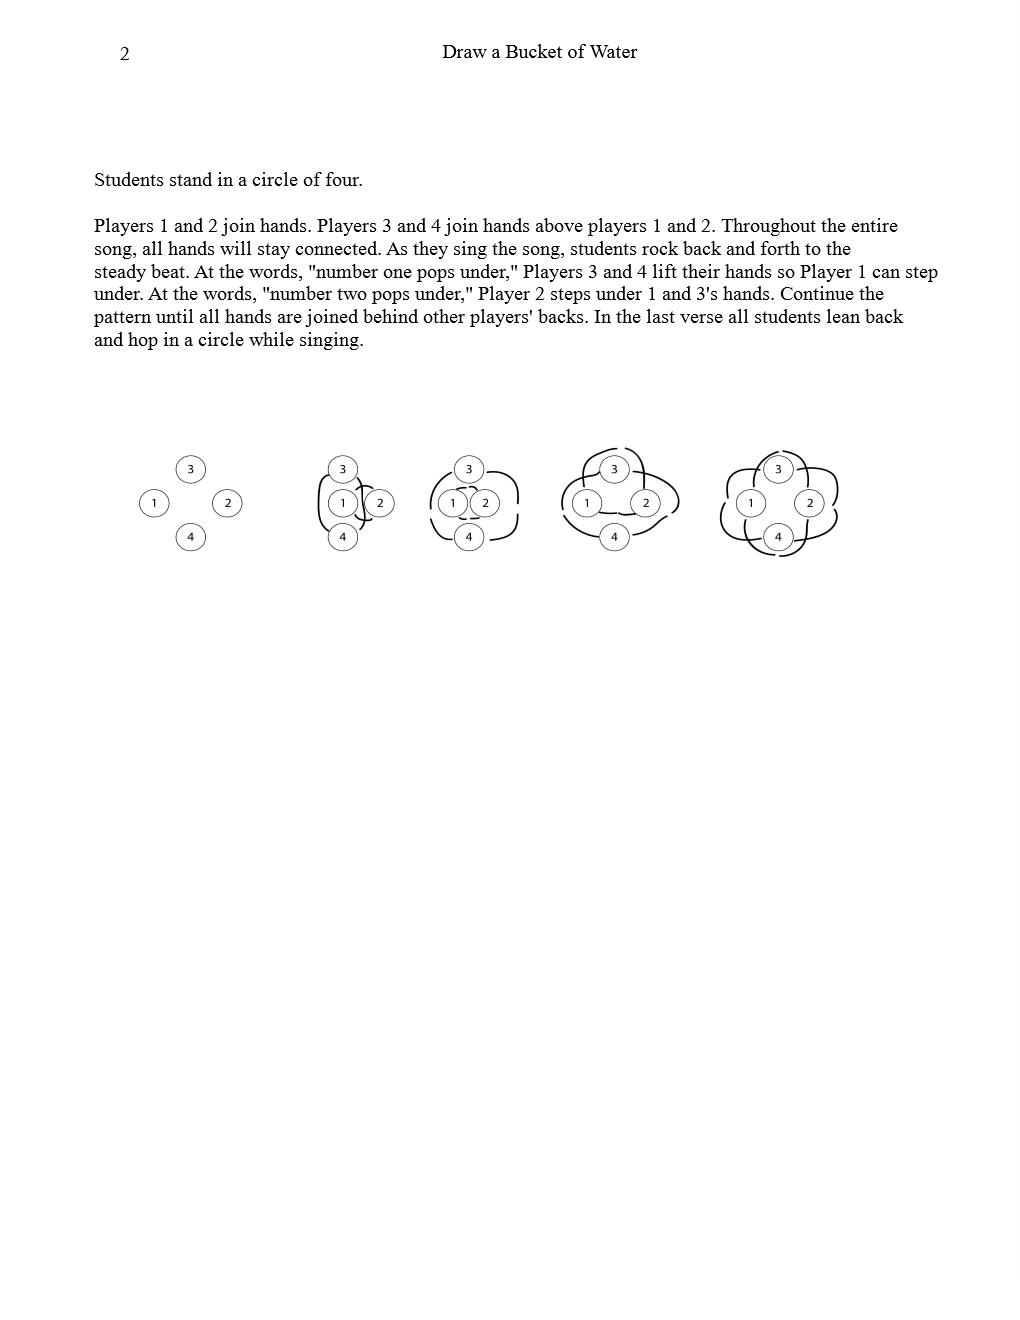 Draw a Bucket of Water 2.jpg